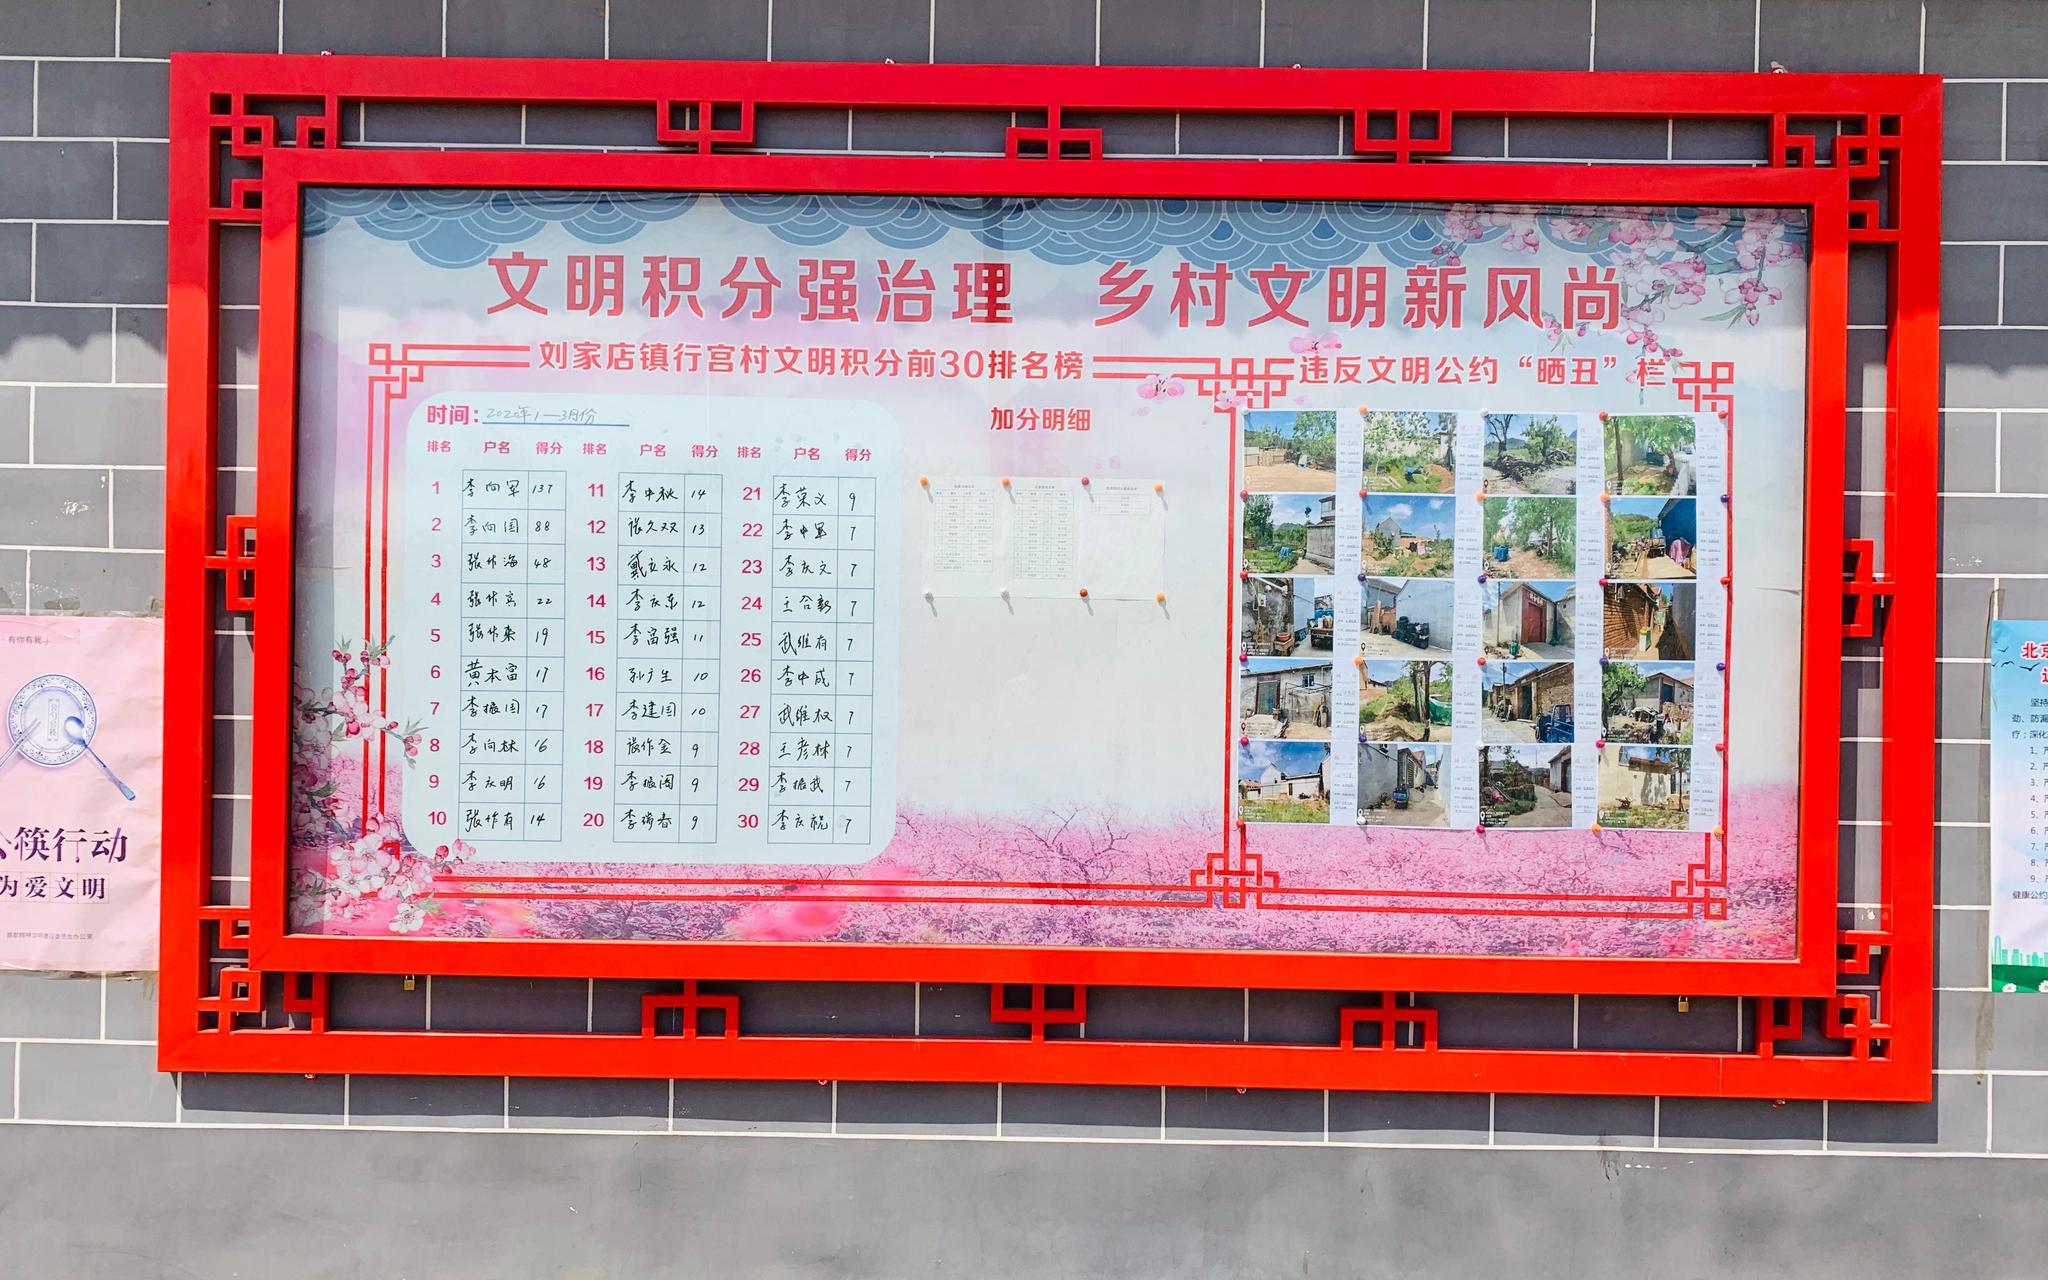 农村垃圾分类怎样推行?平谷刘家店镇这样操作图片